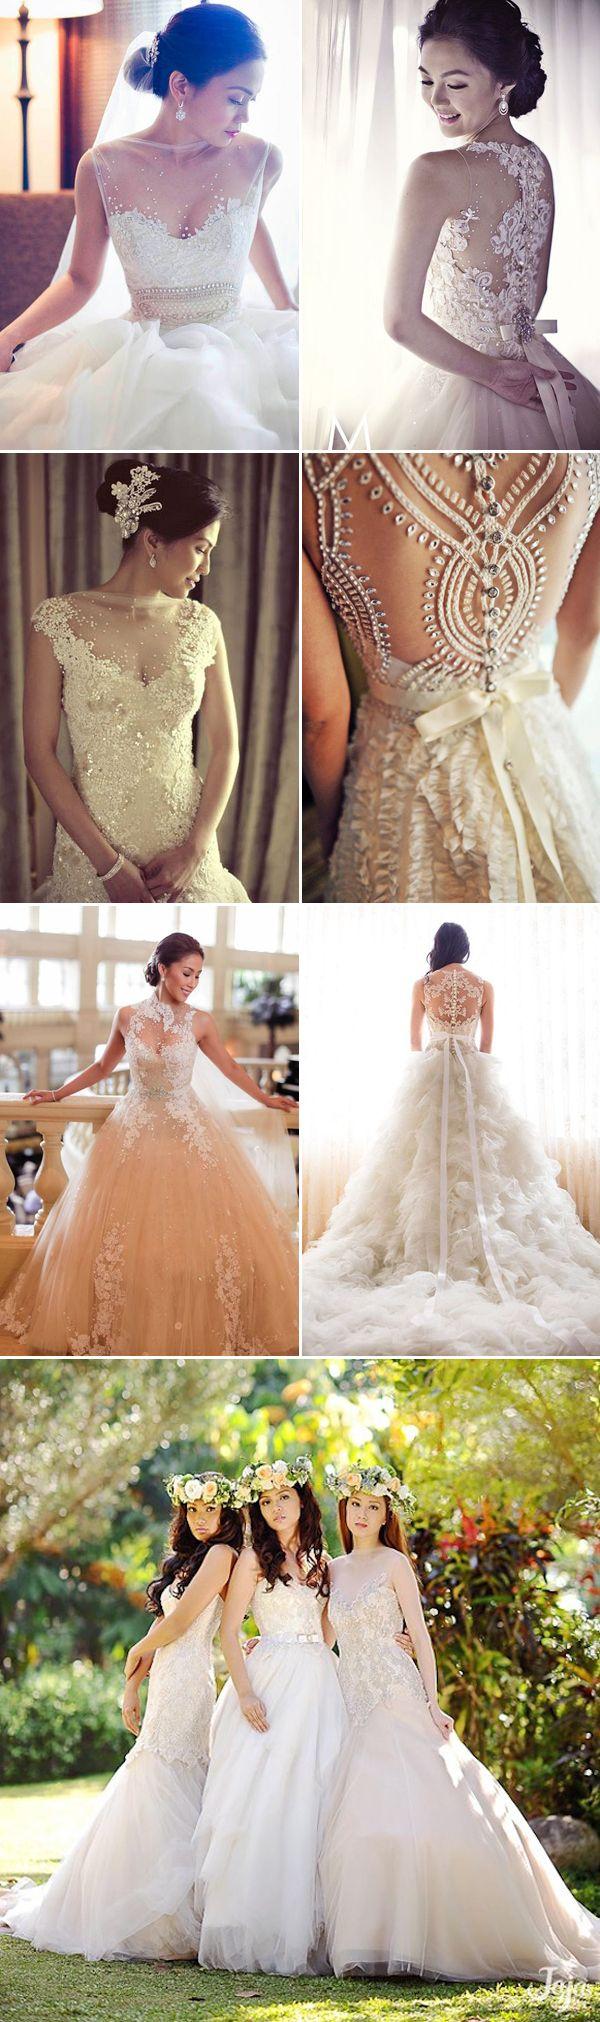 Top 10 Filipino Wedding Dress Designers We Love | Hochzeitskleider